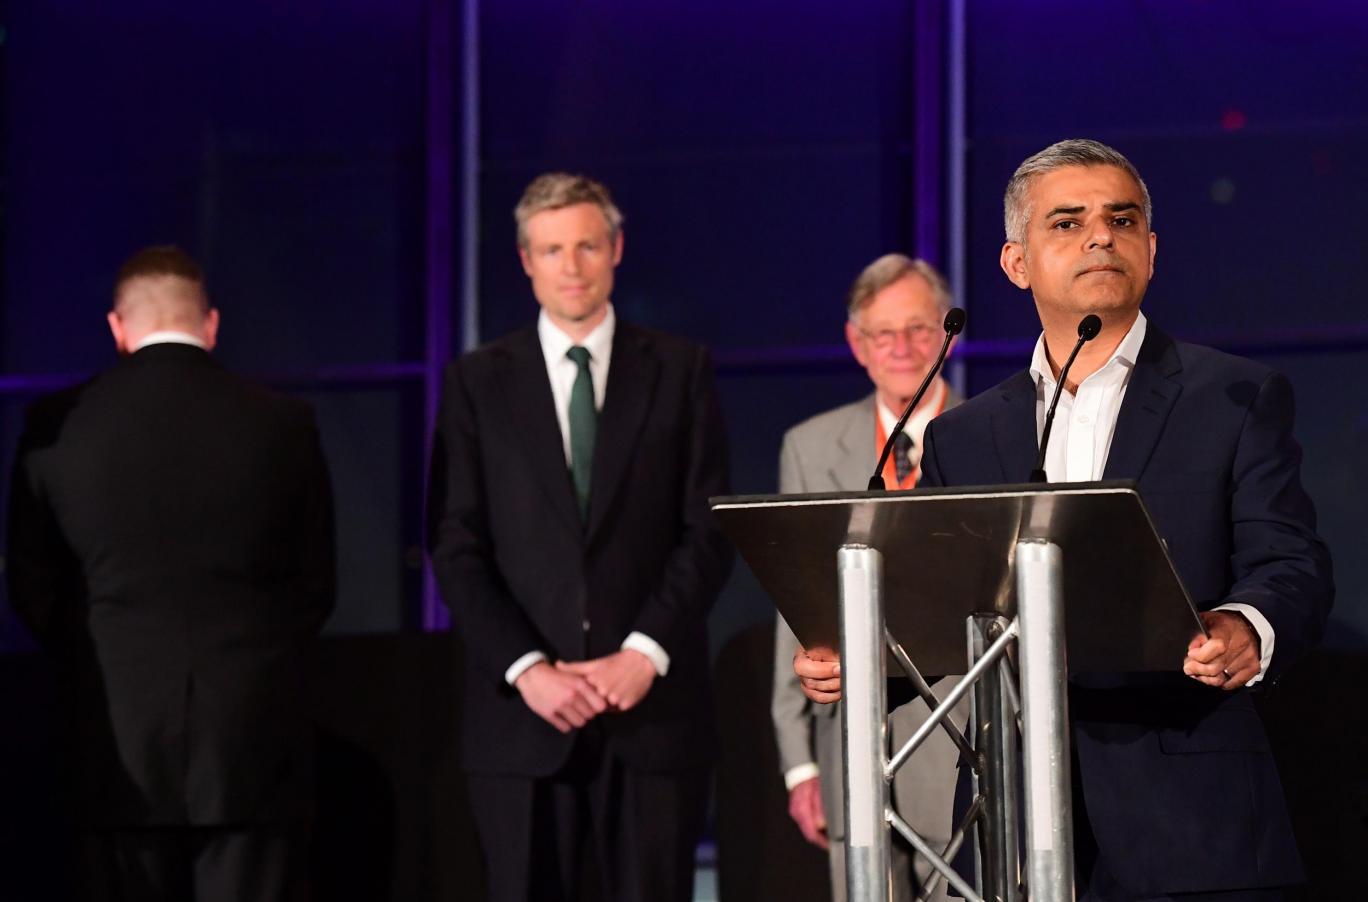 Irkçı İngilizler'den Müslüman başkana tehdit